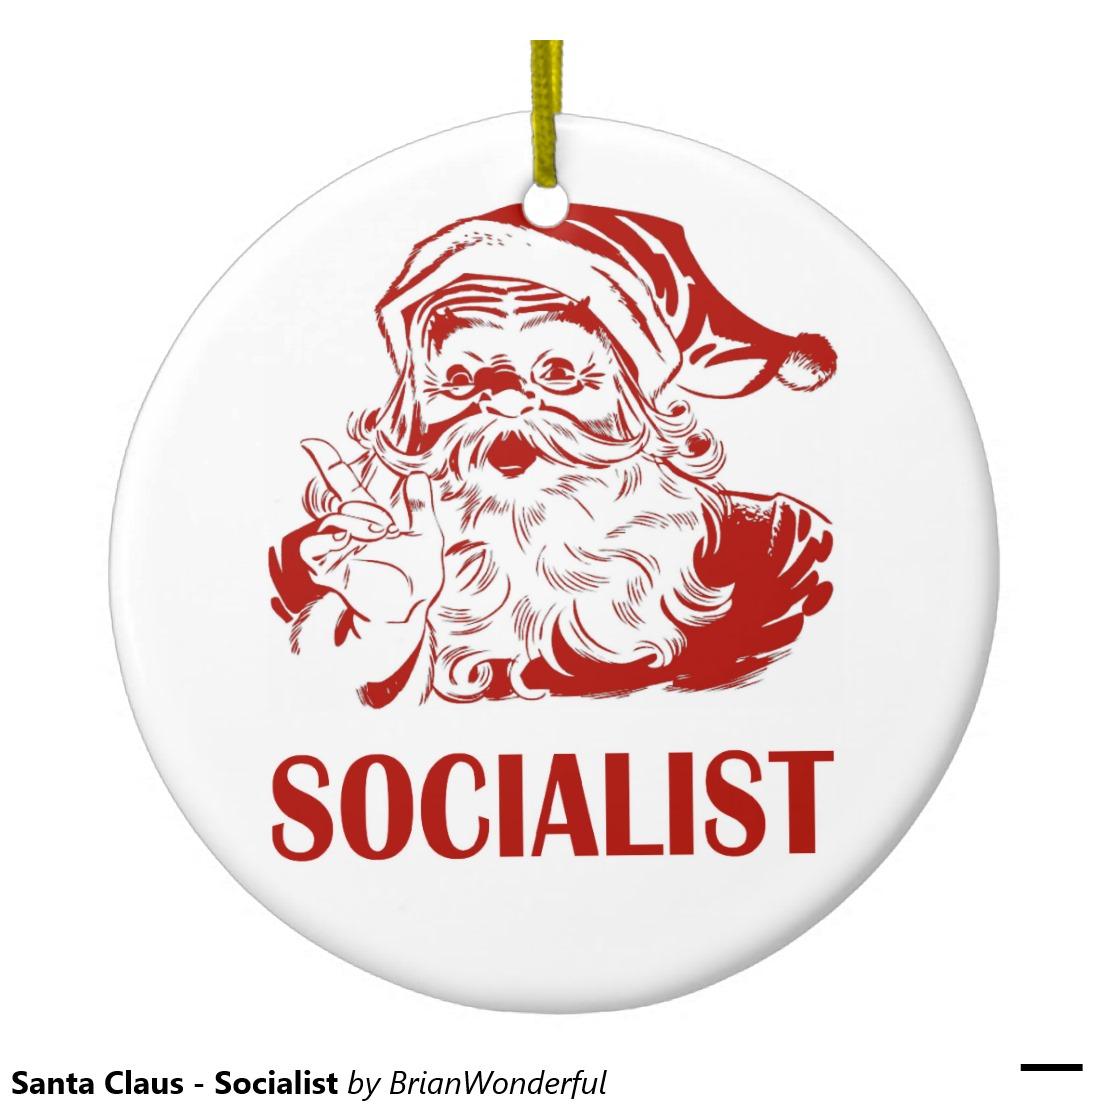 santa_claus_socialist_round_ceramic_decoration-r47d2b827761342b4bc9ae4989ba4453b_x7s2y_8byvr_1024